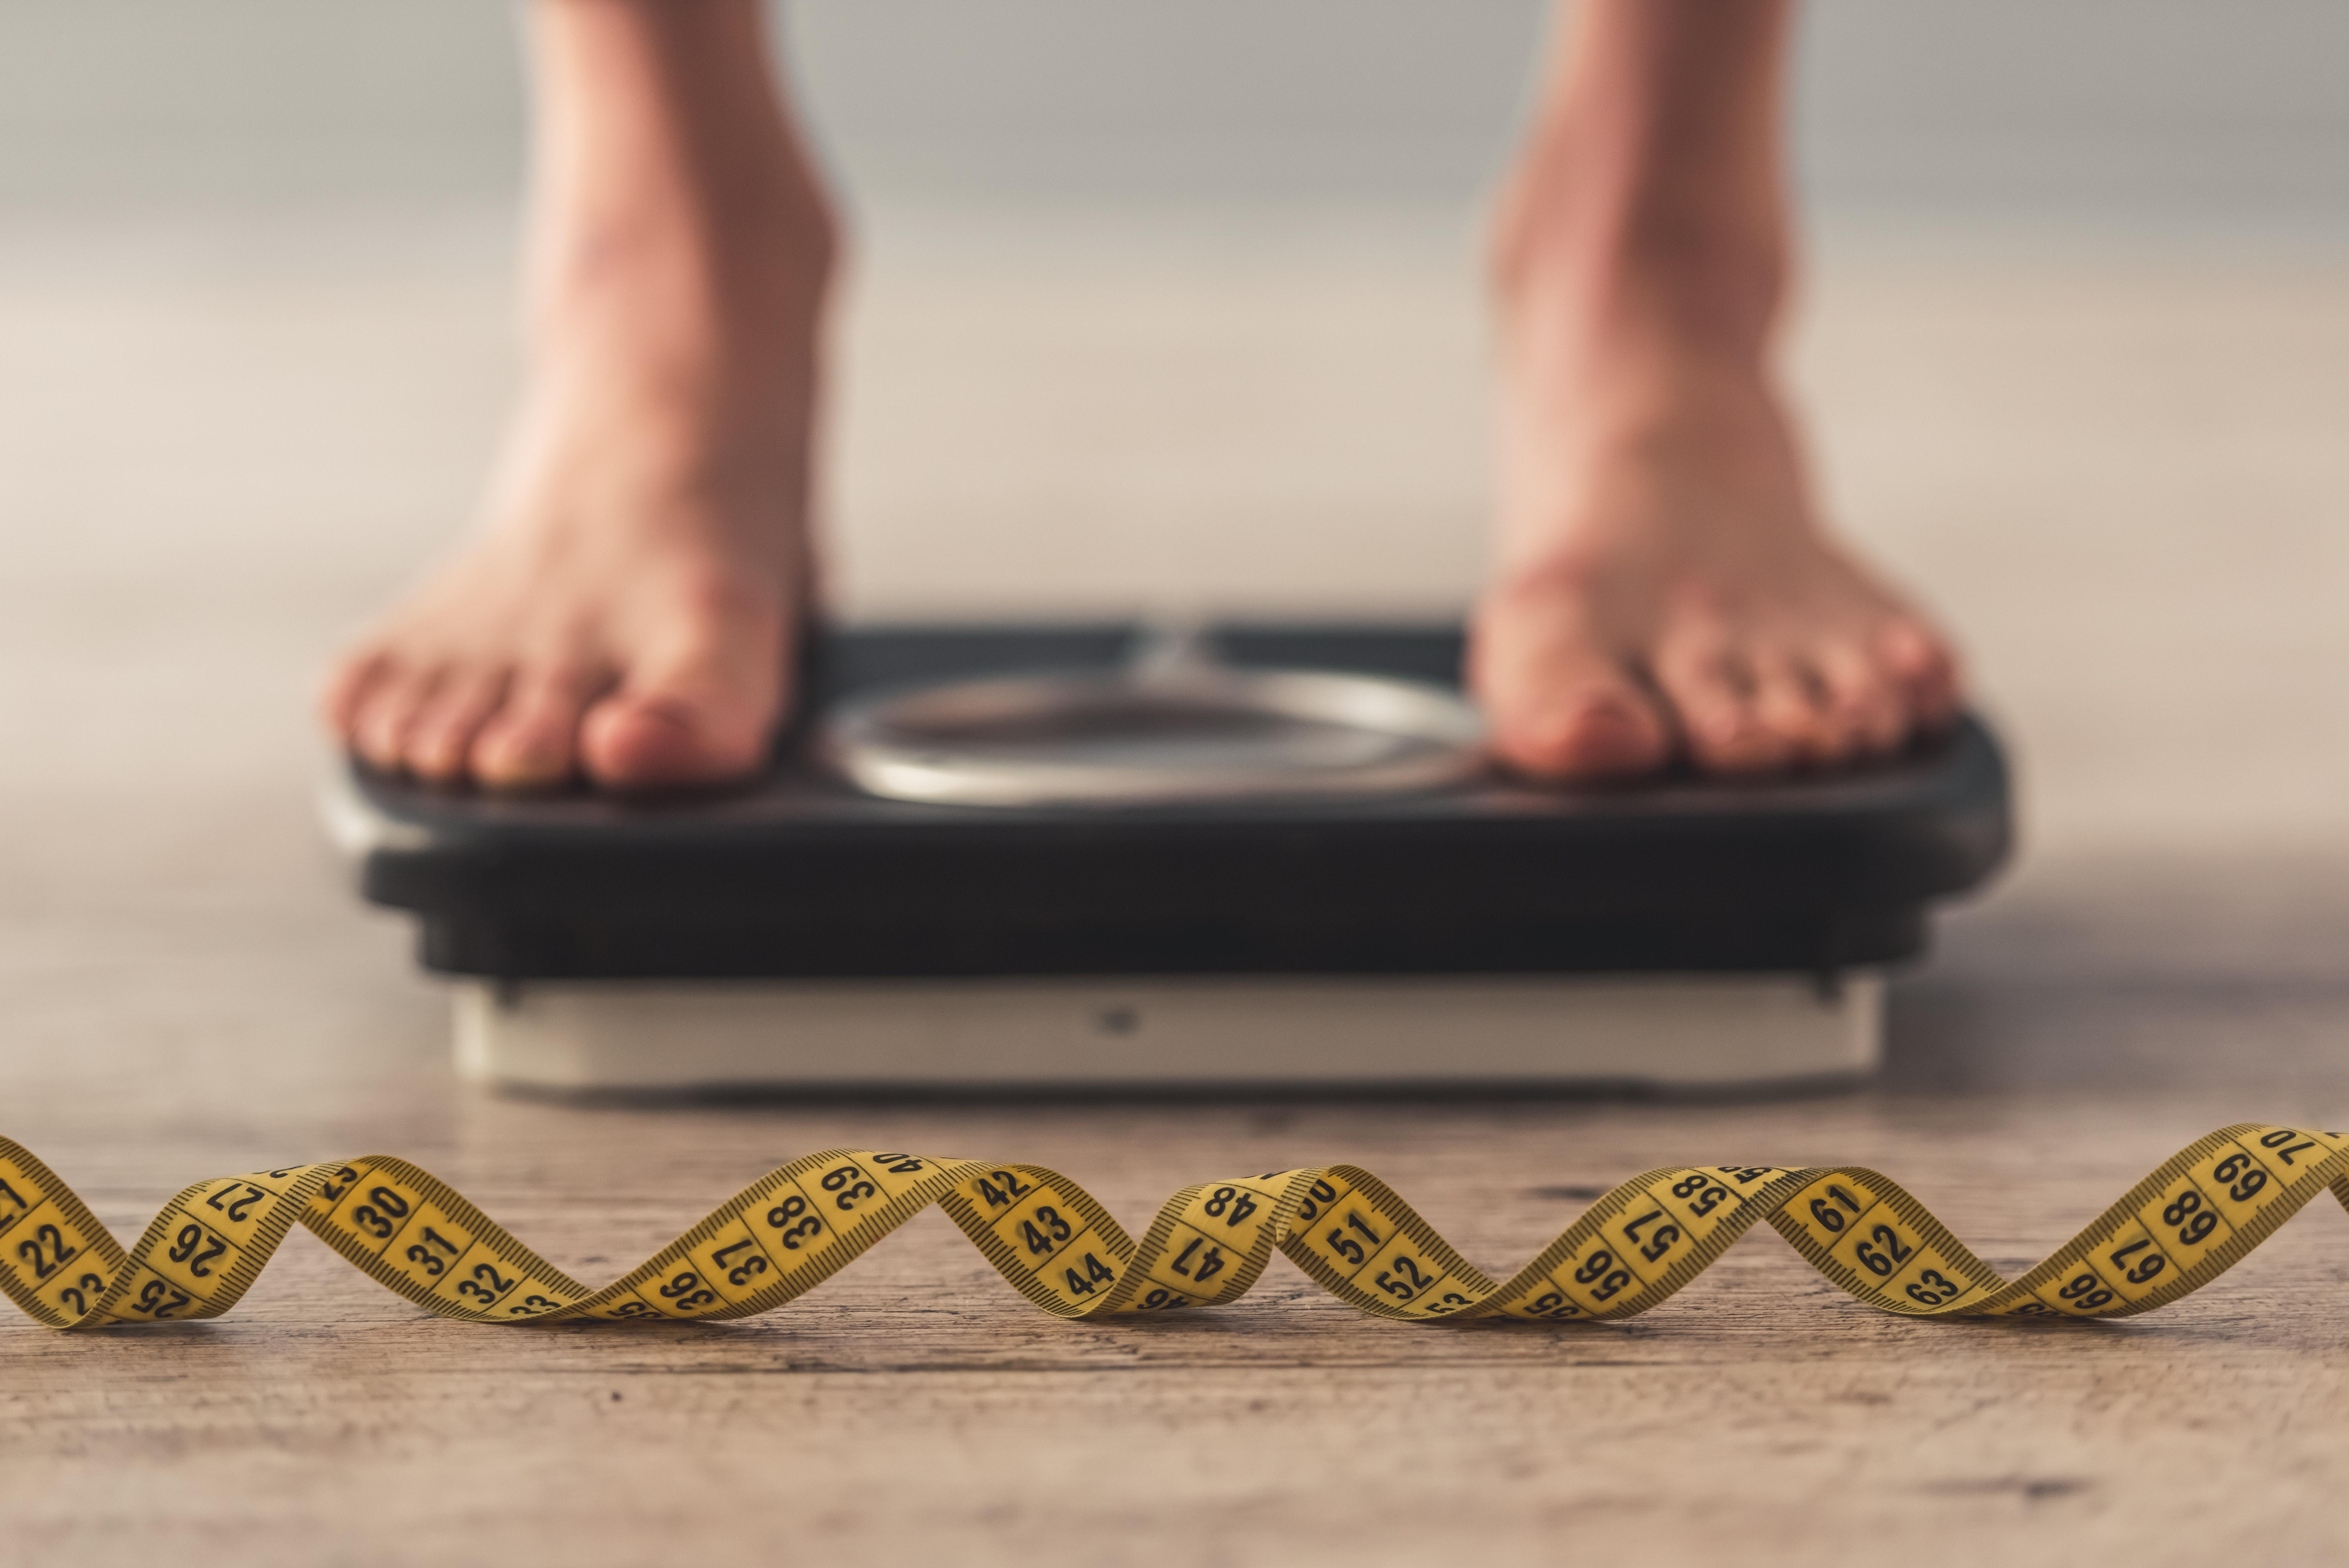 effektivt vægttab